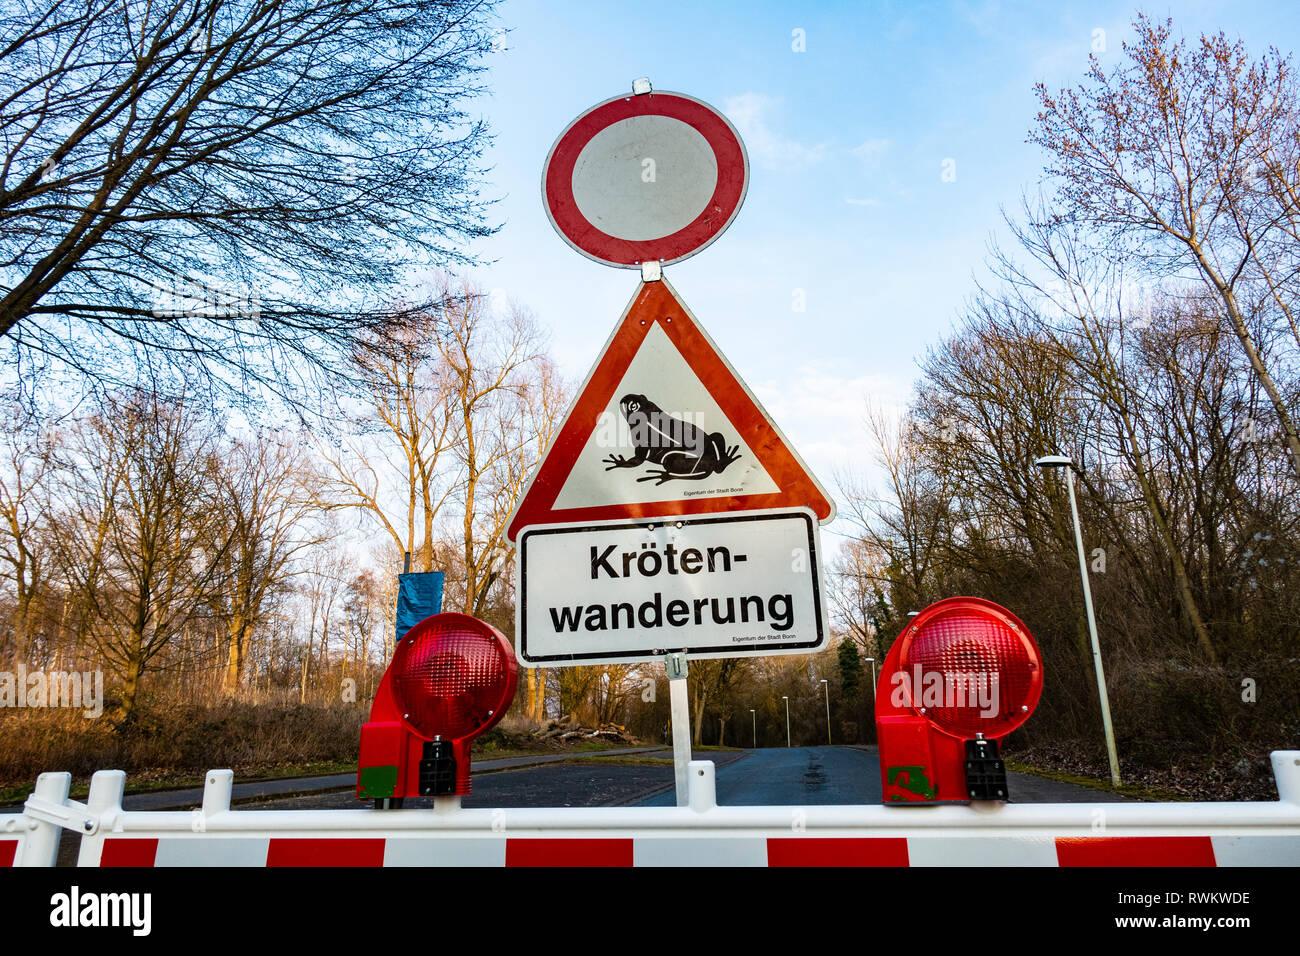 Allemagne, Bonn, au printemps, certaines routes sont fermées pour trafic pour permettre aux crapauds à traverser en toute sécurité sur le chemin de la proximité de lacs Photo Stock